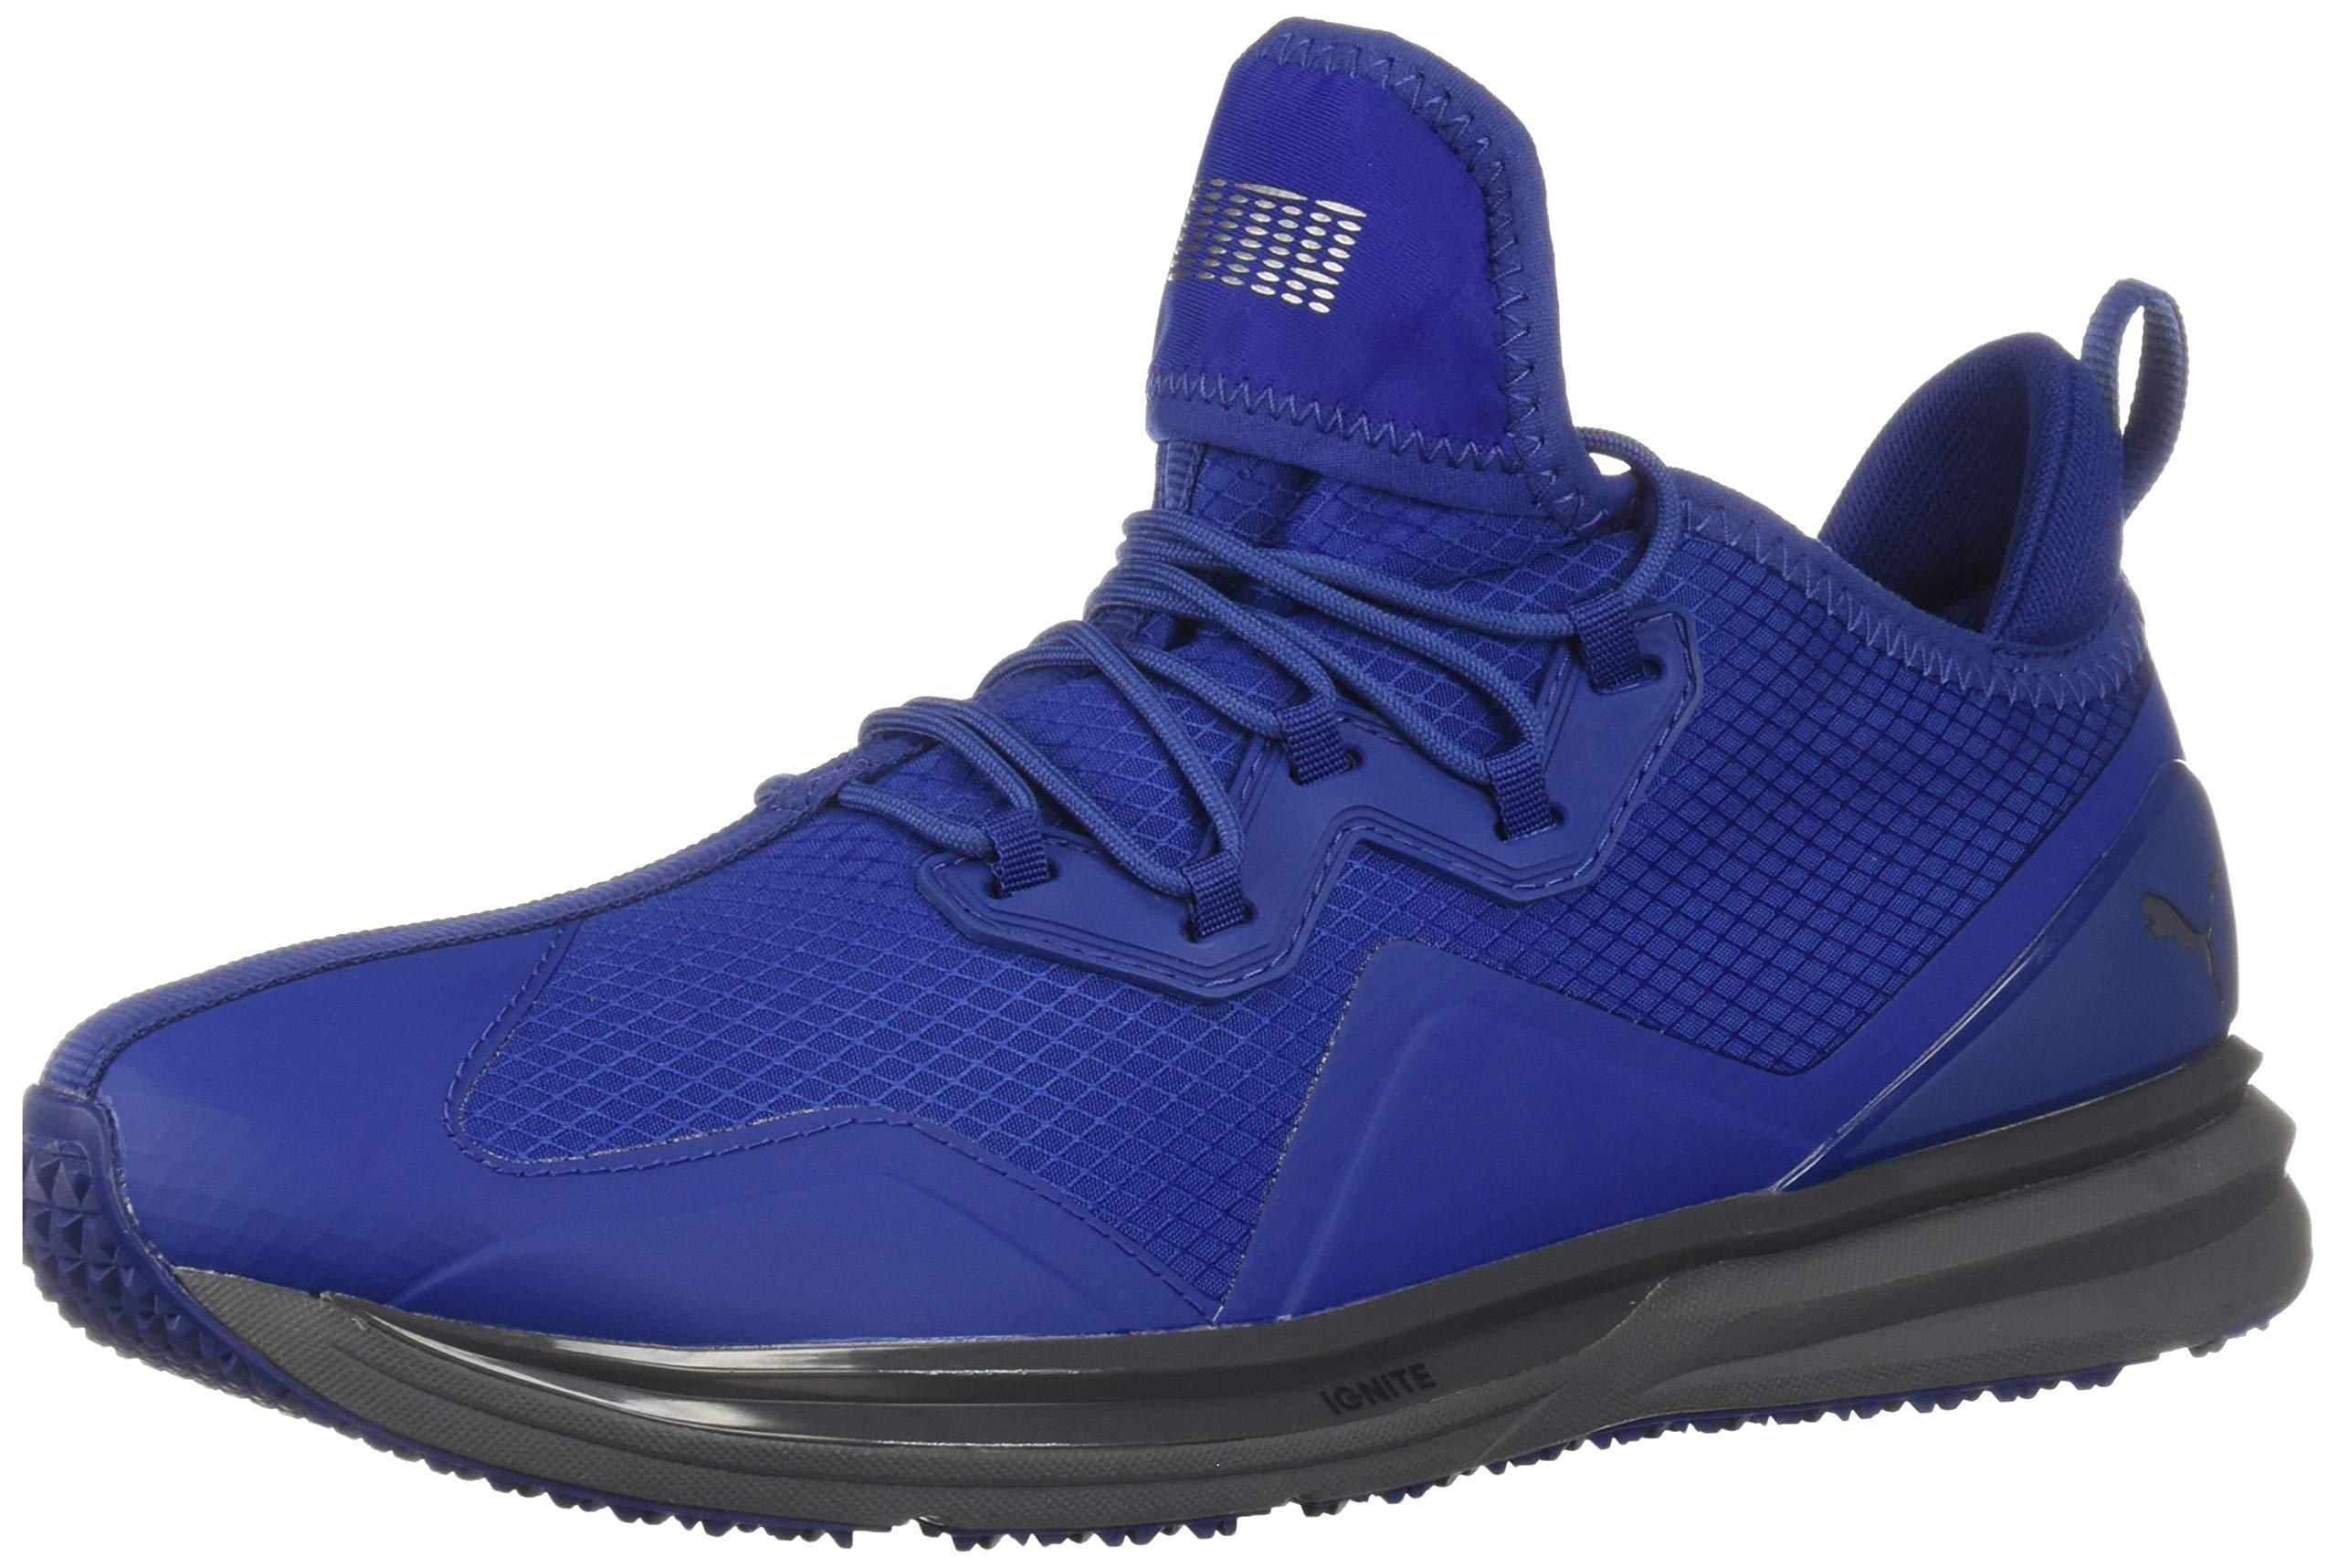 PUMA Ignite Limitless Sneaker in Blue